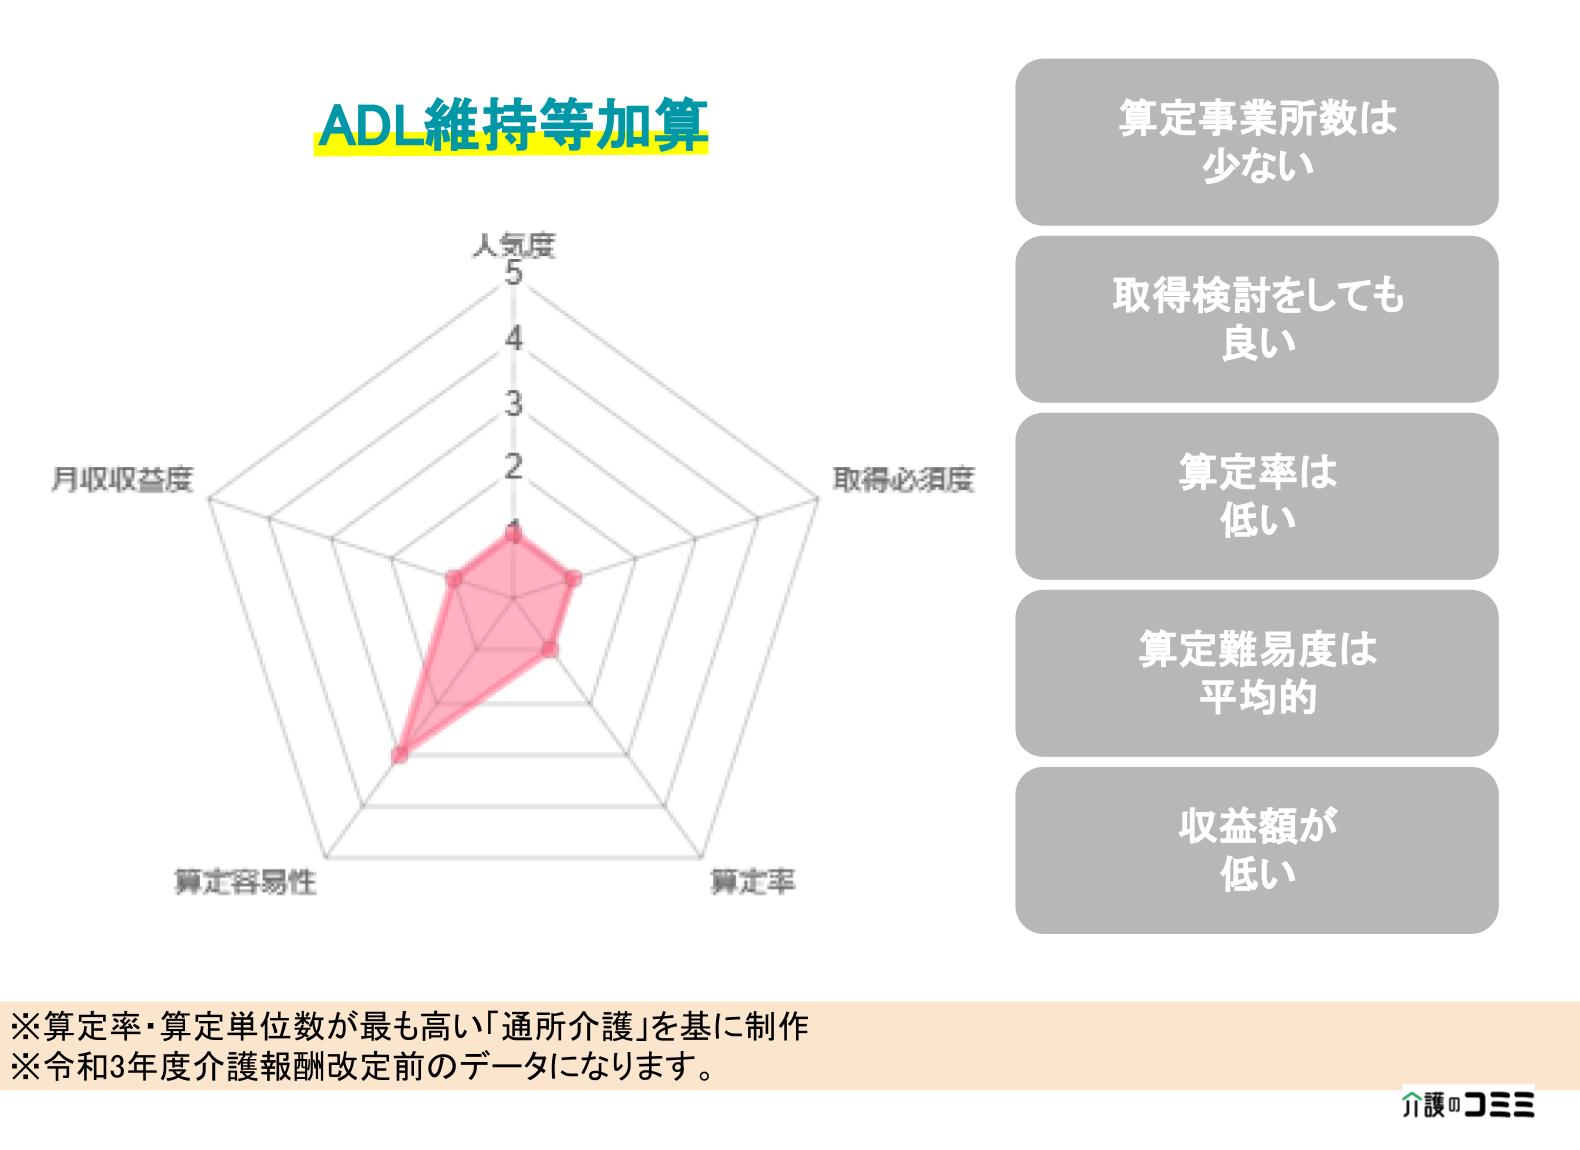 【加算ランキング】ADL維持等加算とは?基礎から解説!